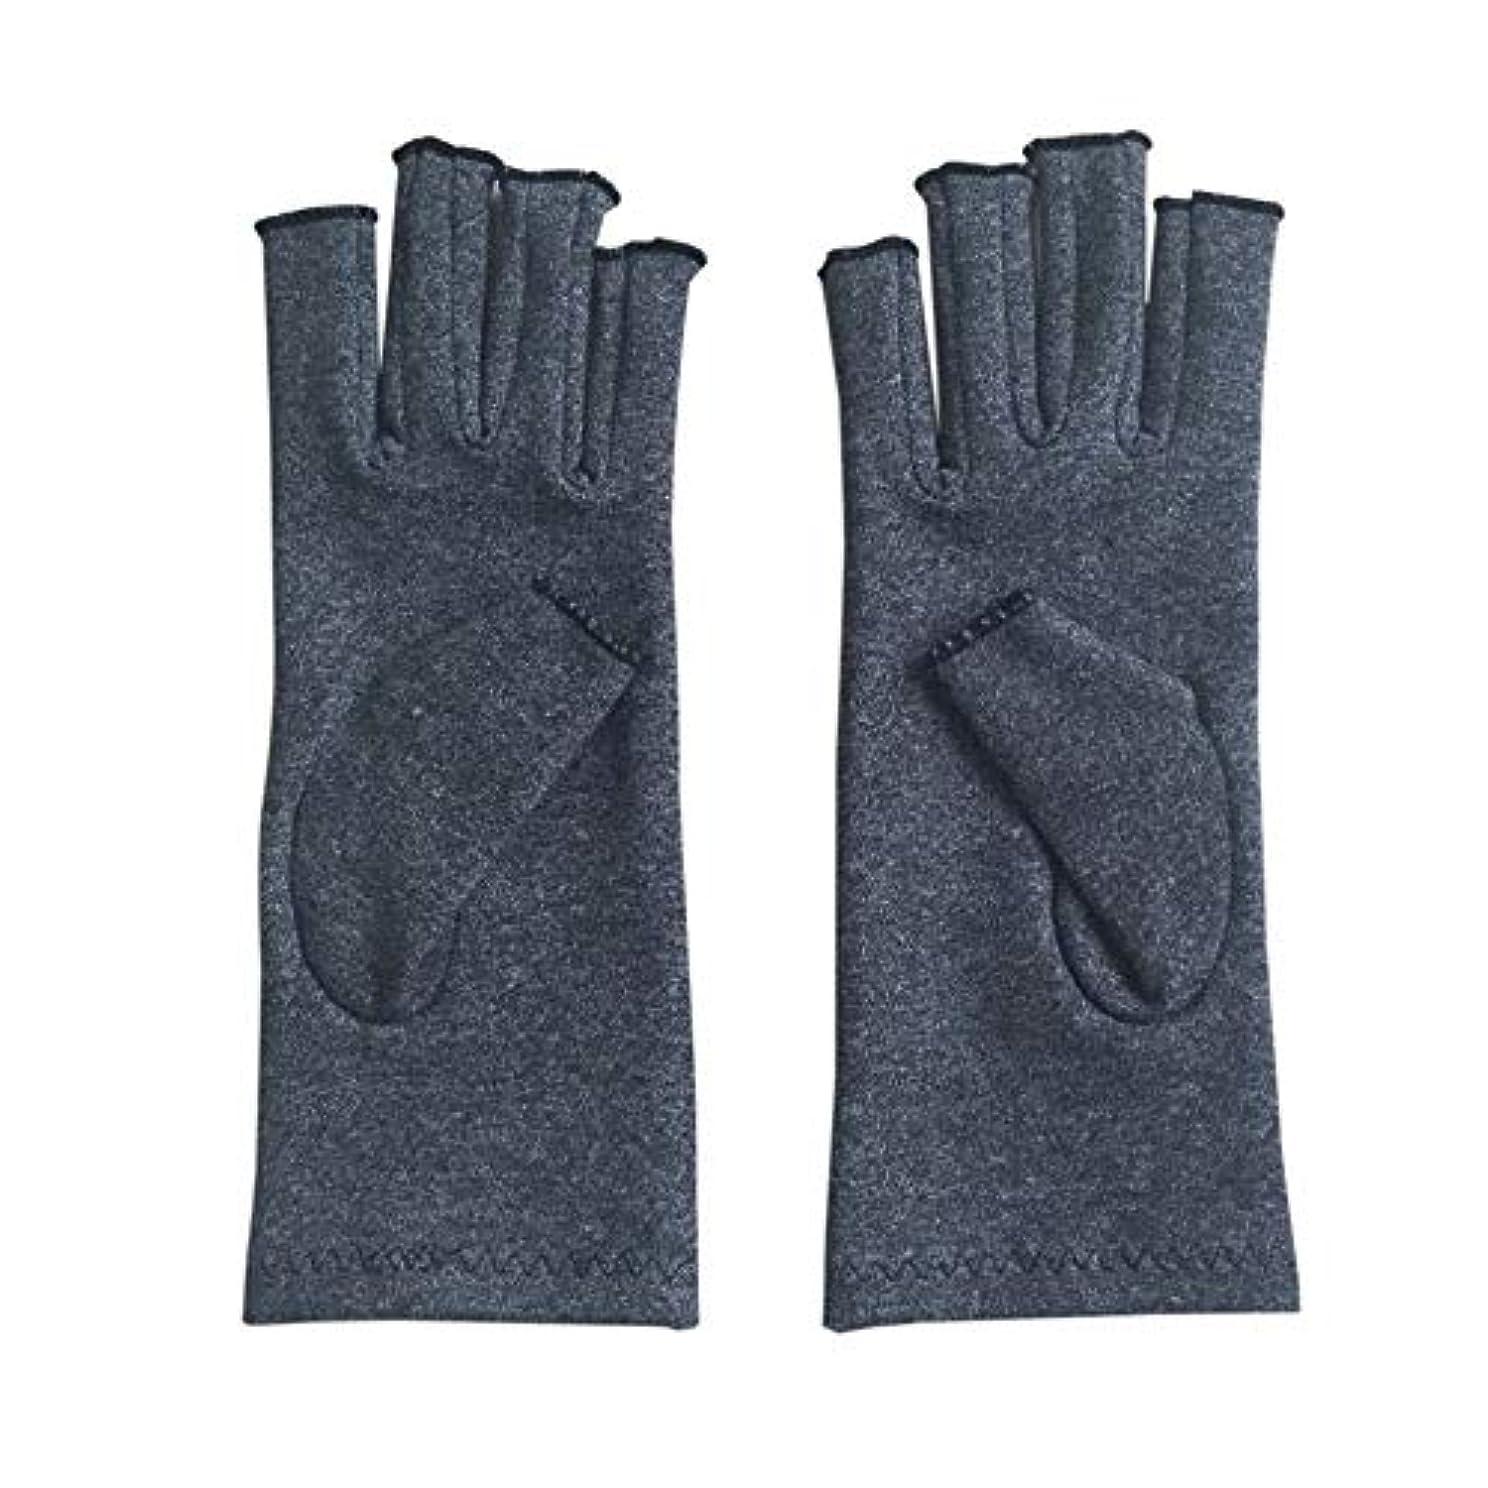 大臣一緒の前でペア/セット快適な男性女性療法圧縮手袋無地通気性関節炎関節痛緩和手袋 - グレーM